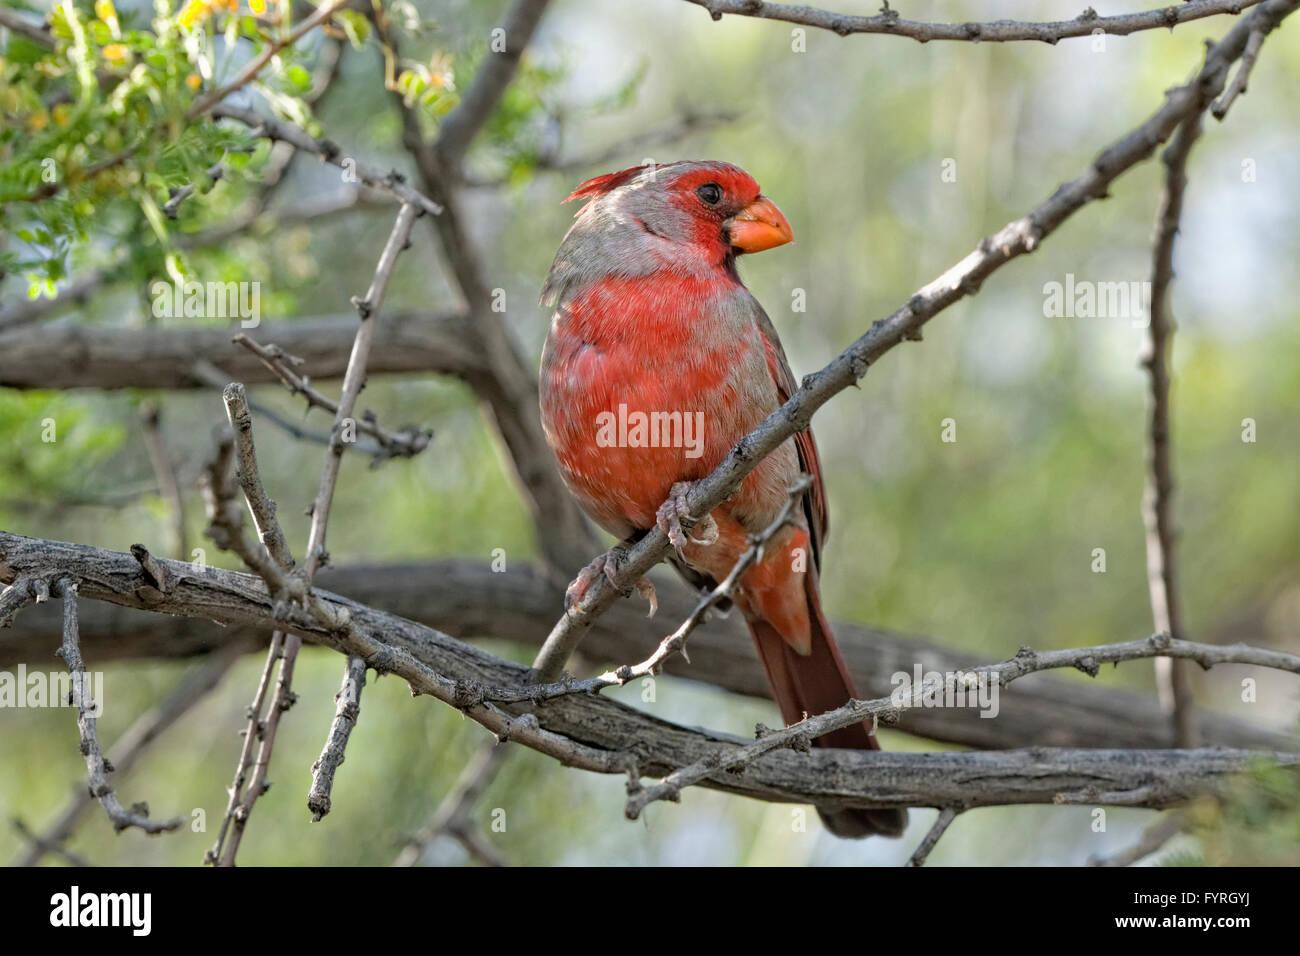 Pyrrhuloxia or Desert Cardinal - Pyrrhuloxia Cardinalis sinuatus - Southern Arizona - Stock Image